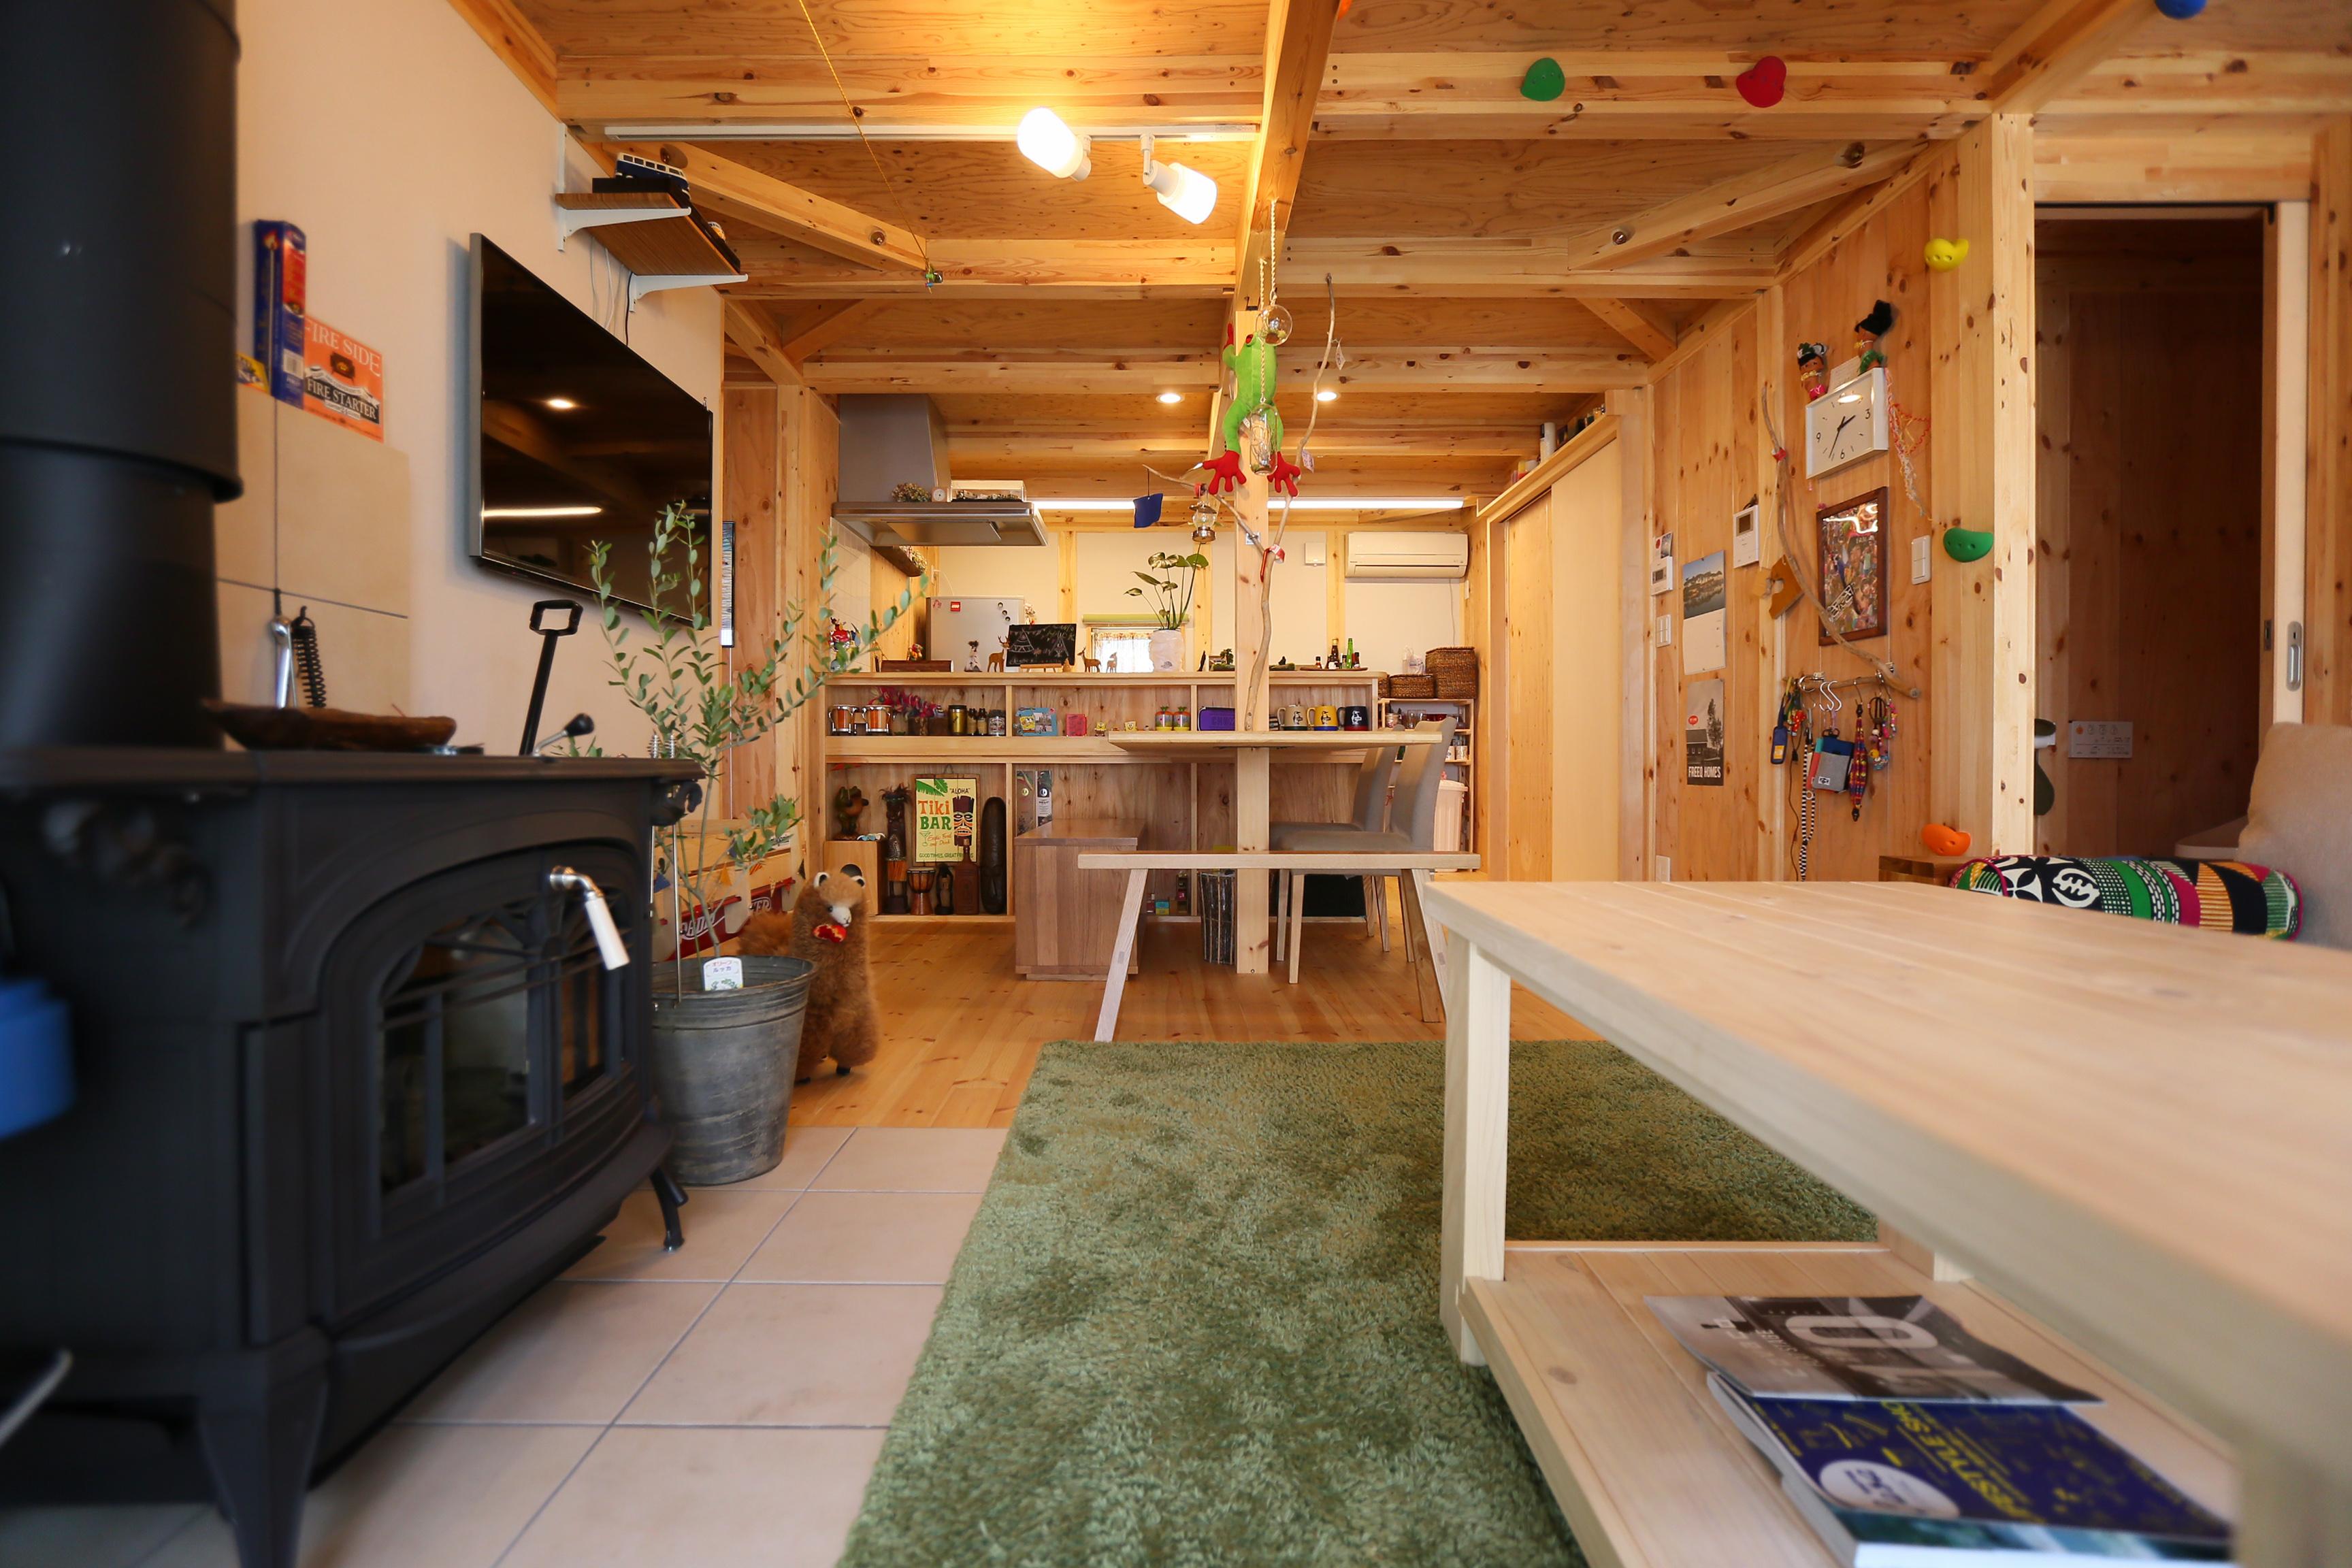 BinO志太・榛原 マルジン総建【子育て、自然素材、平屋】無垢材を全面に使用した空間は、ちょっとした小物もインテリアとして冴える